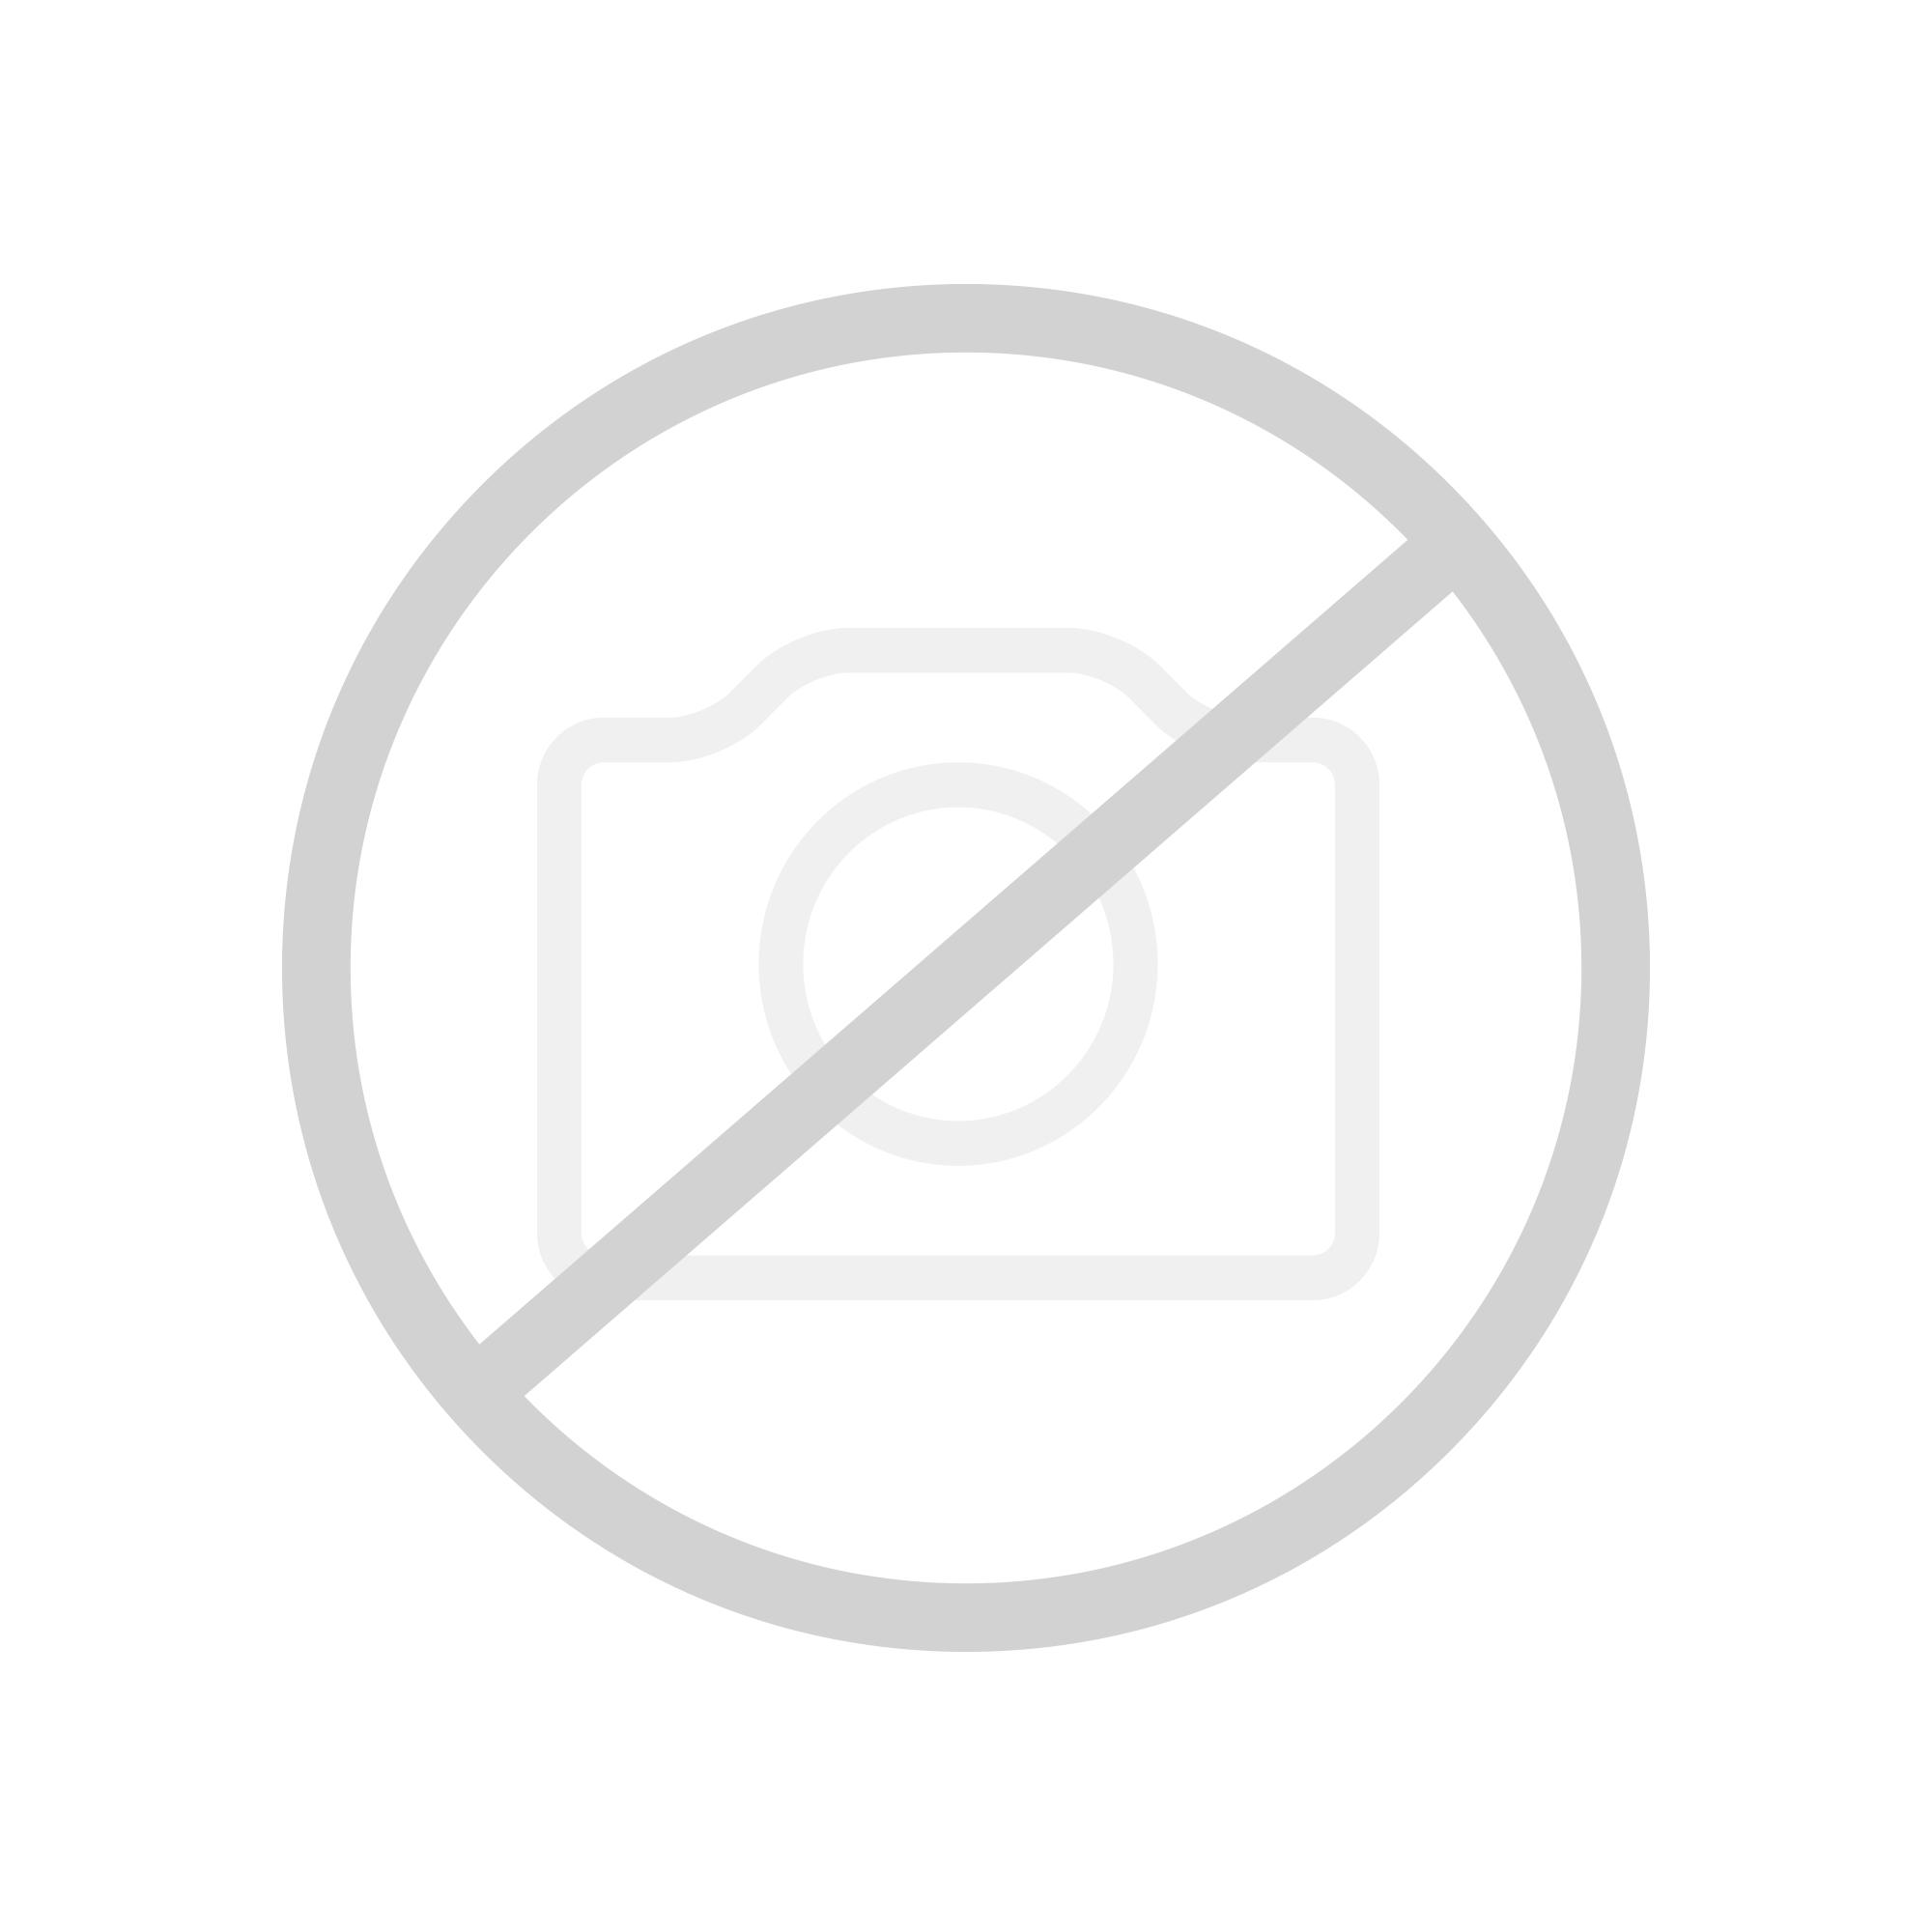 Geberit AquaClean 8000plus Wand-Dusch-WC Komplettanlage mit Anal- und Ladydusche weiß